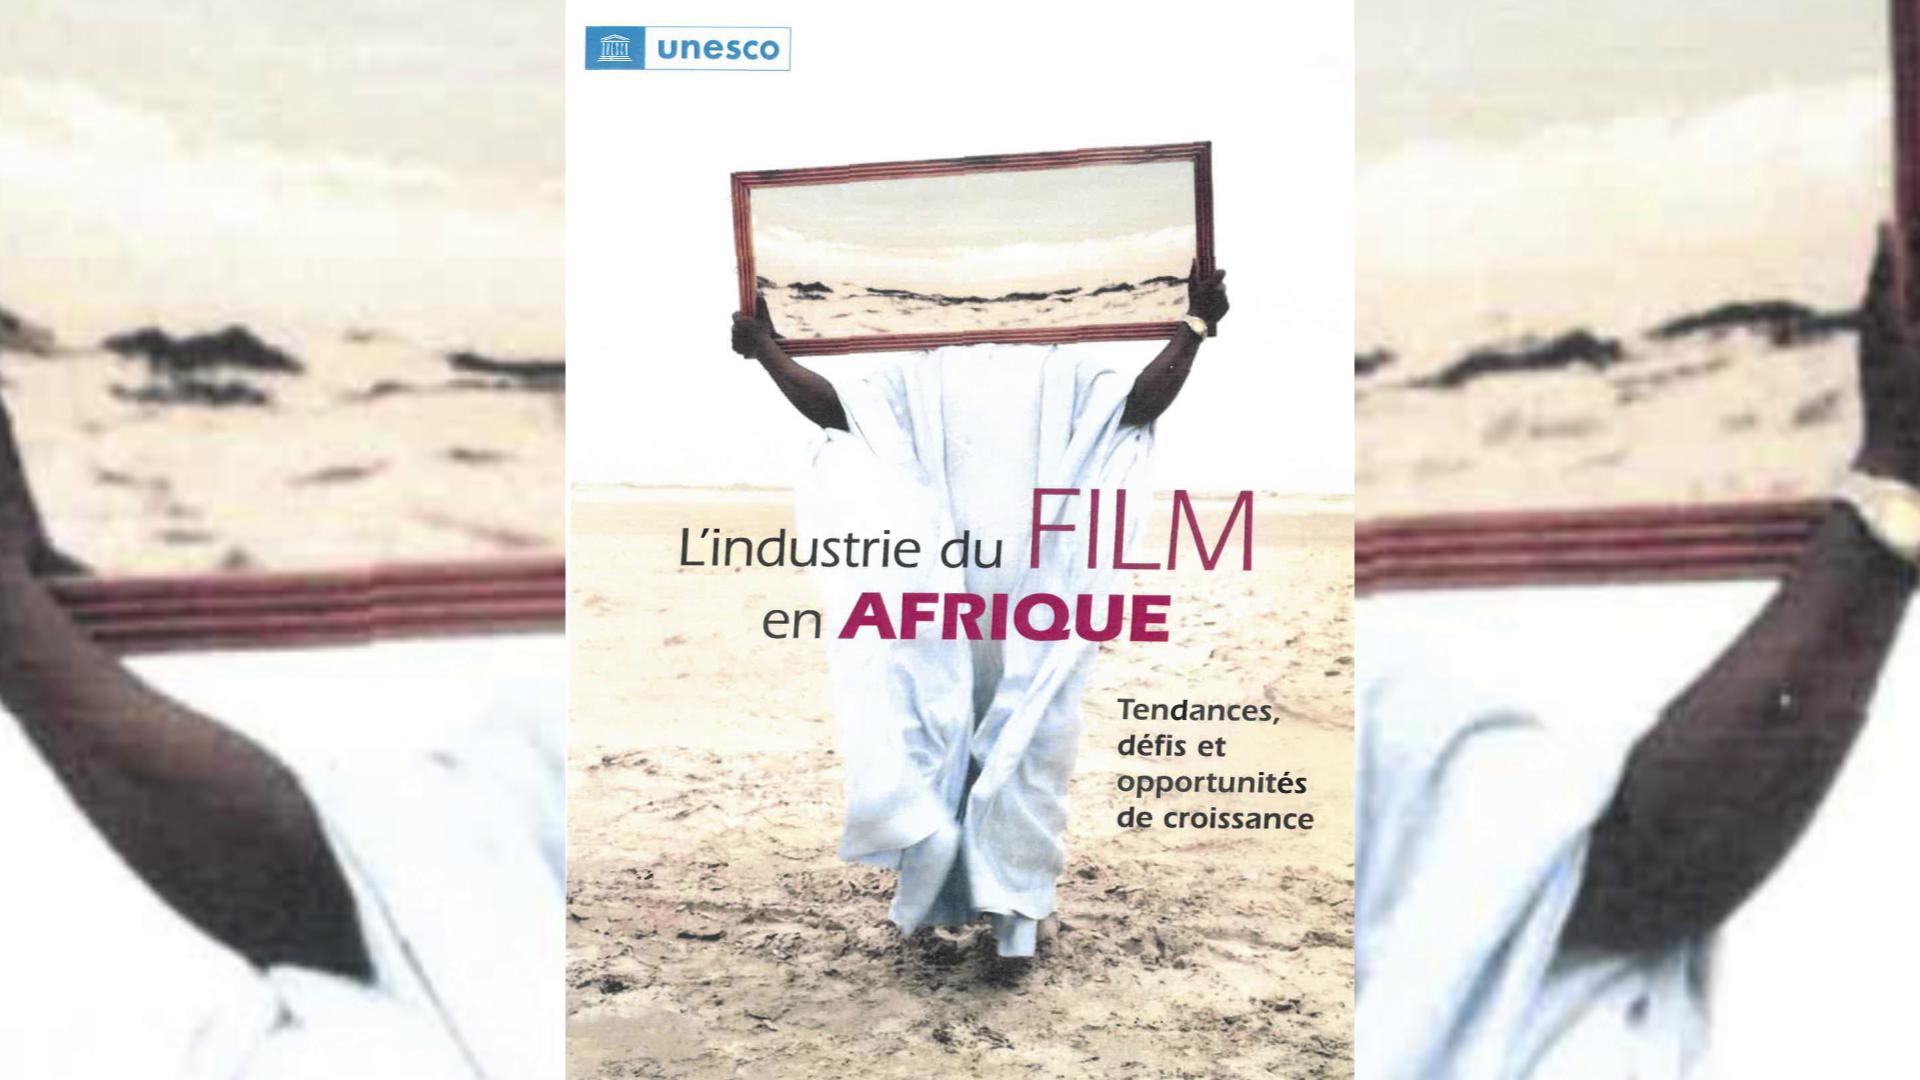 Couverture du rapport de l'Unesco : « L'industrie du film en Afrique. Tendances, défis et opportunités de croissance », publié en octobre 2021.    © Unesco